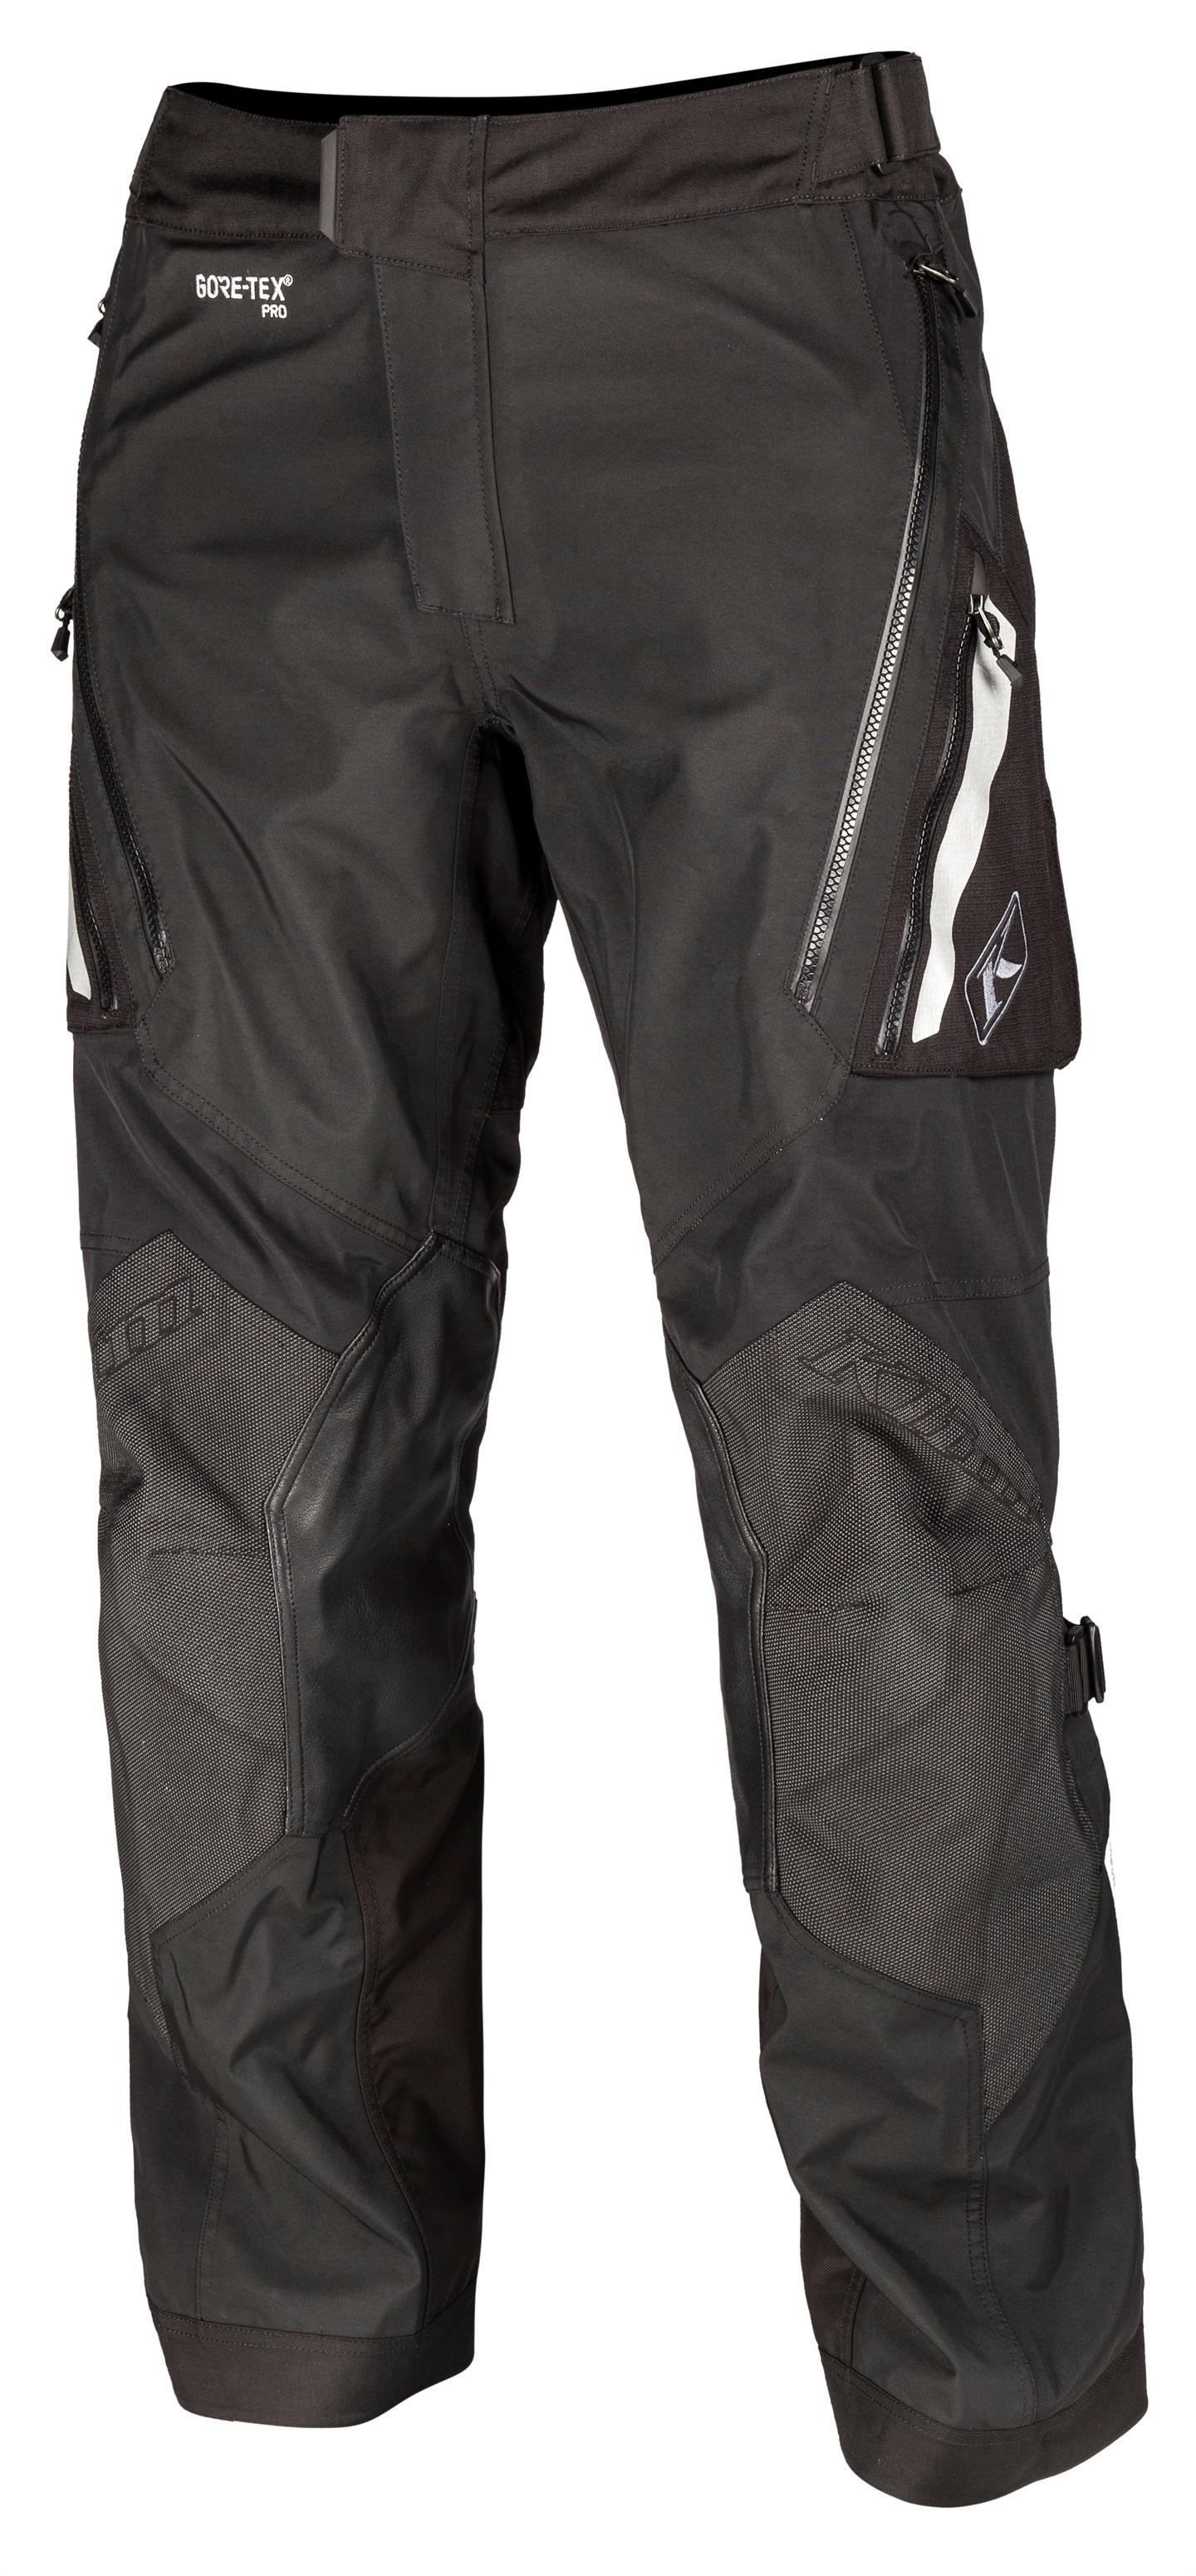 Klim Badlands Pro Bukse Sort Premium design og material